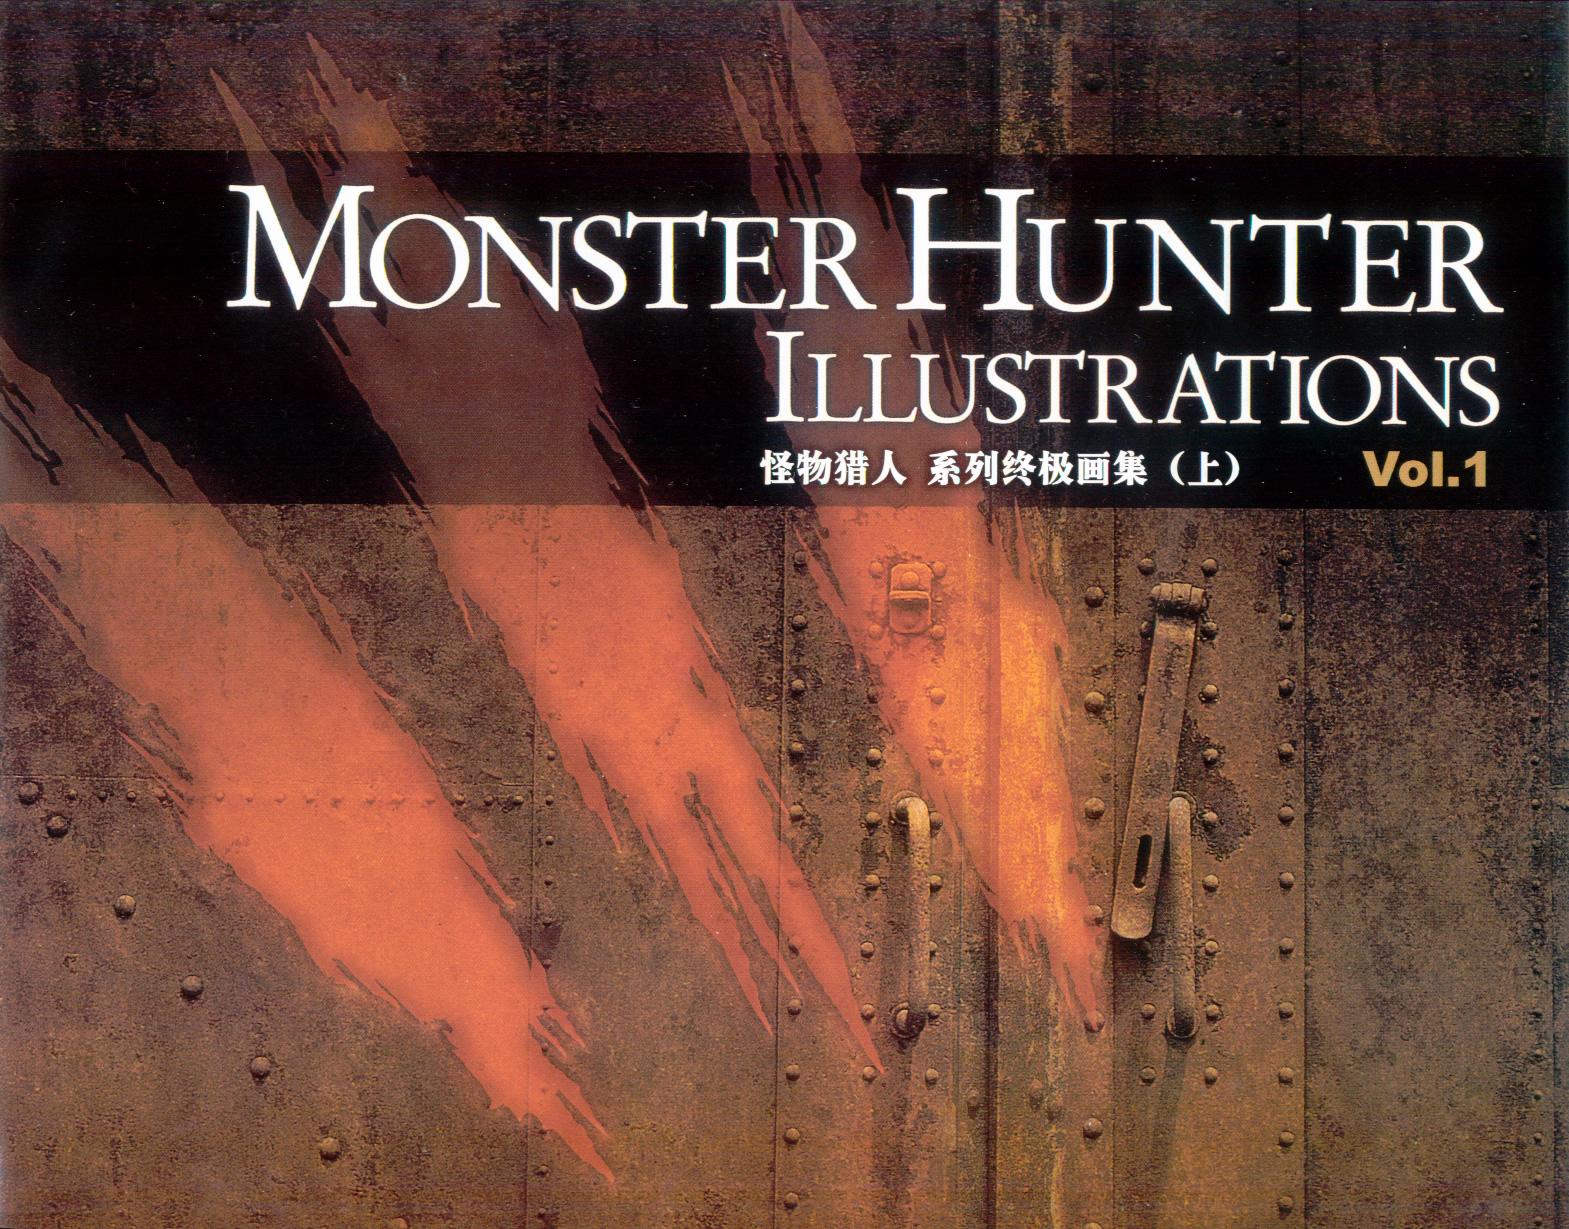 001_关注-游艺网GAME798海量资源下载怪物猎人终极画集.jpg